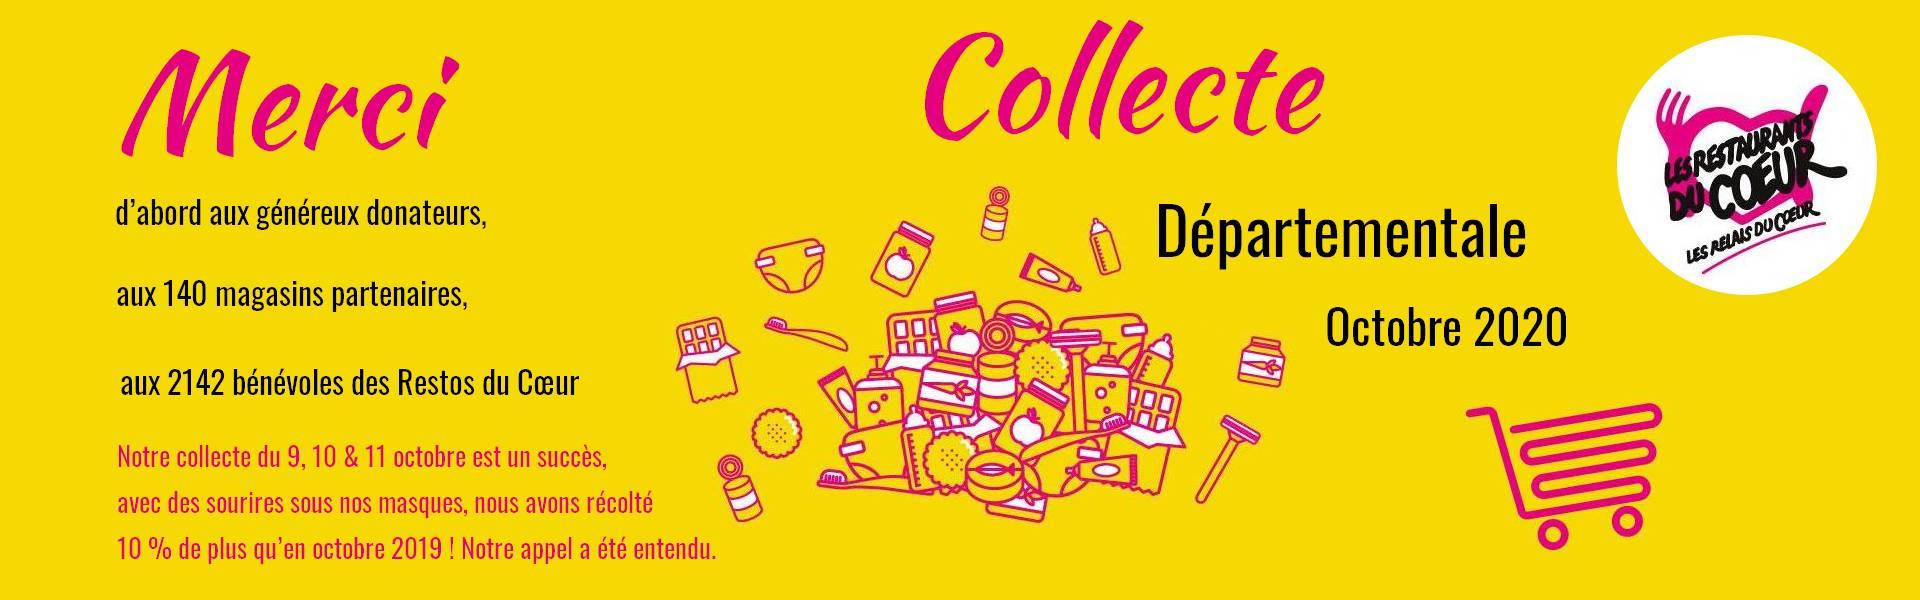 Collecte Départementale Octobre 2020